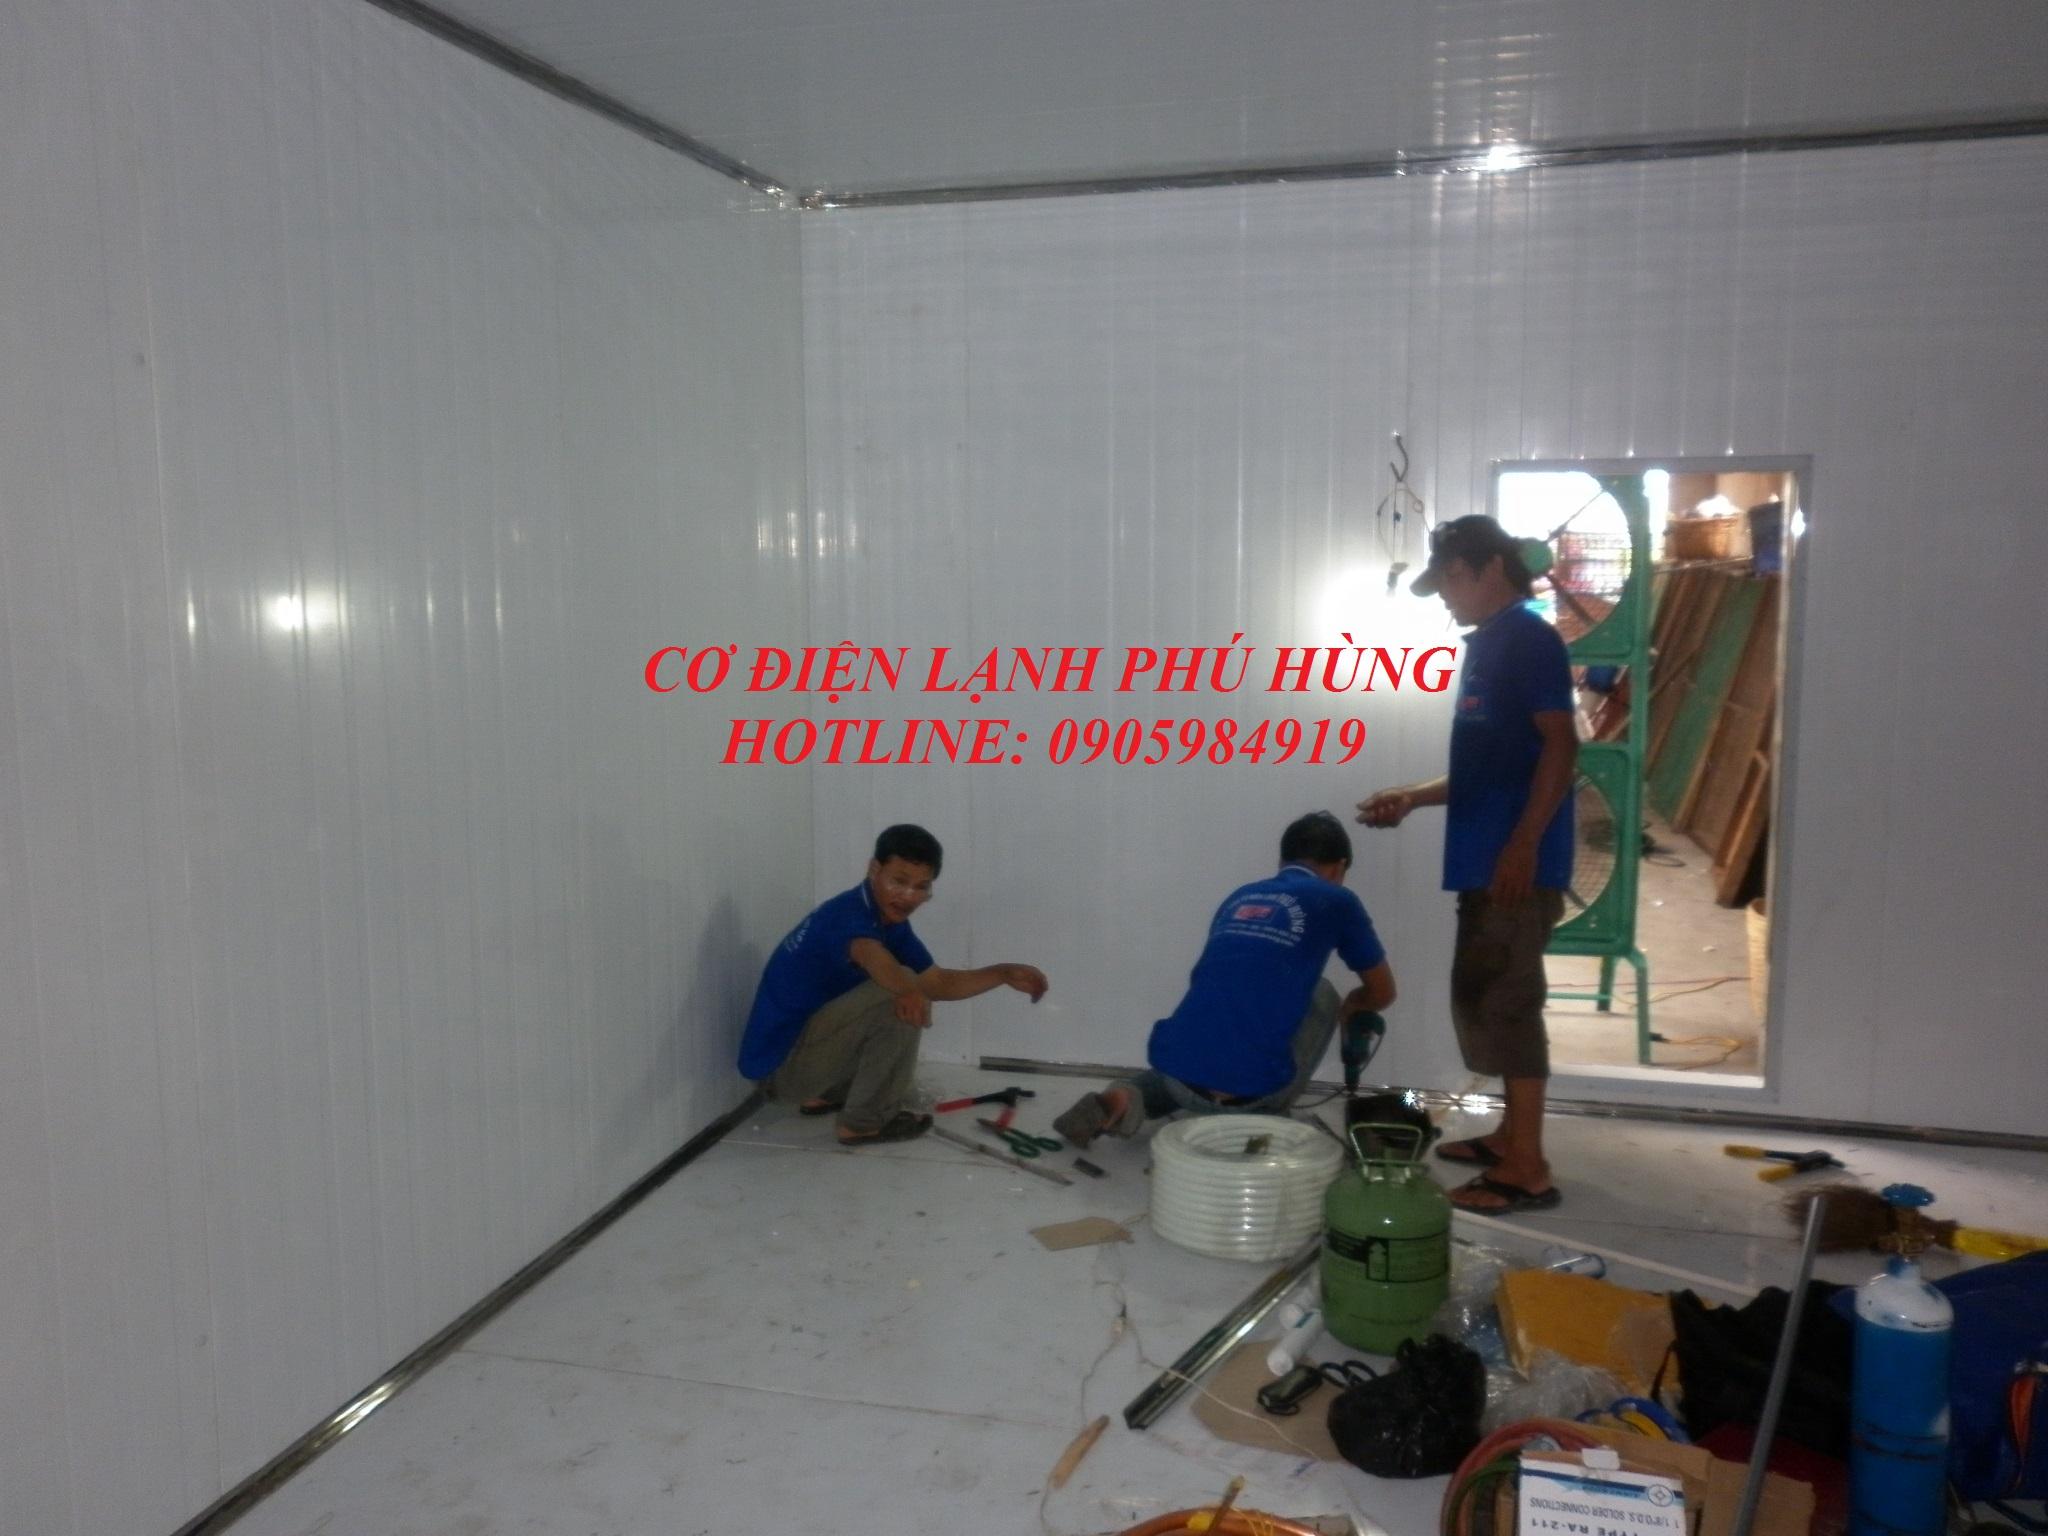 mkahP1040634 - Kho lạnh bảo quản mực khô - DNTN Tống Viết Hùng